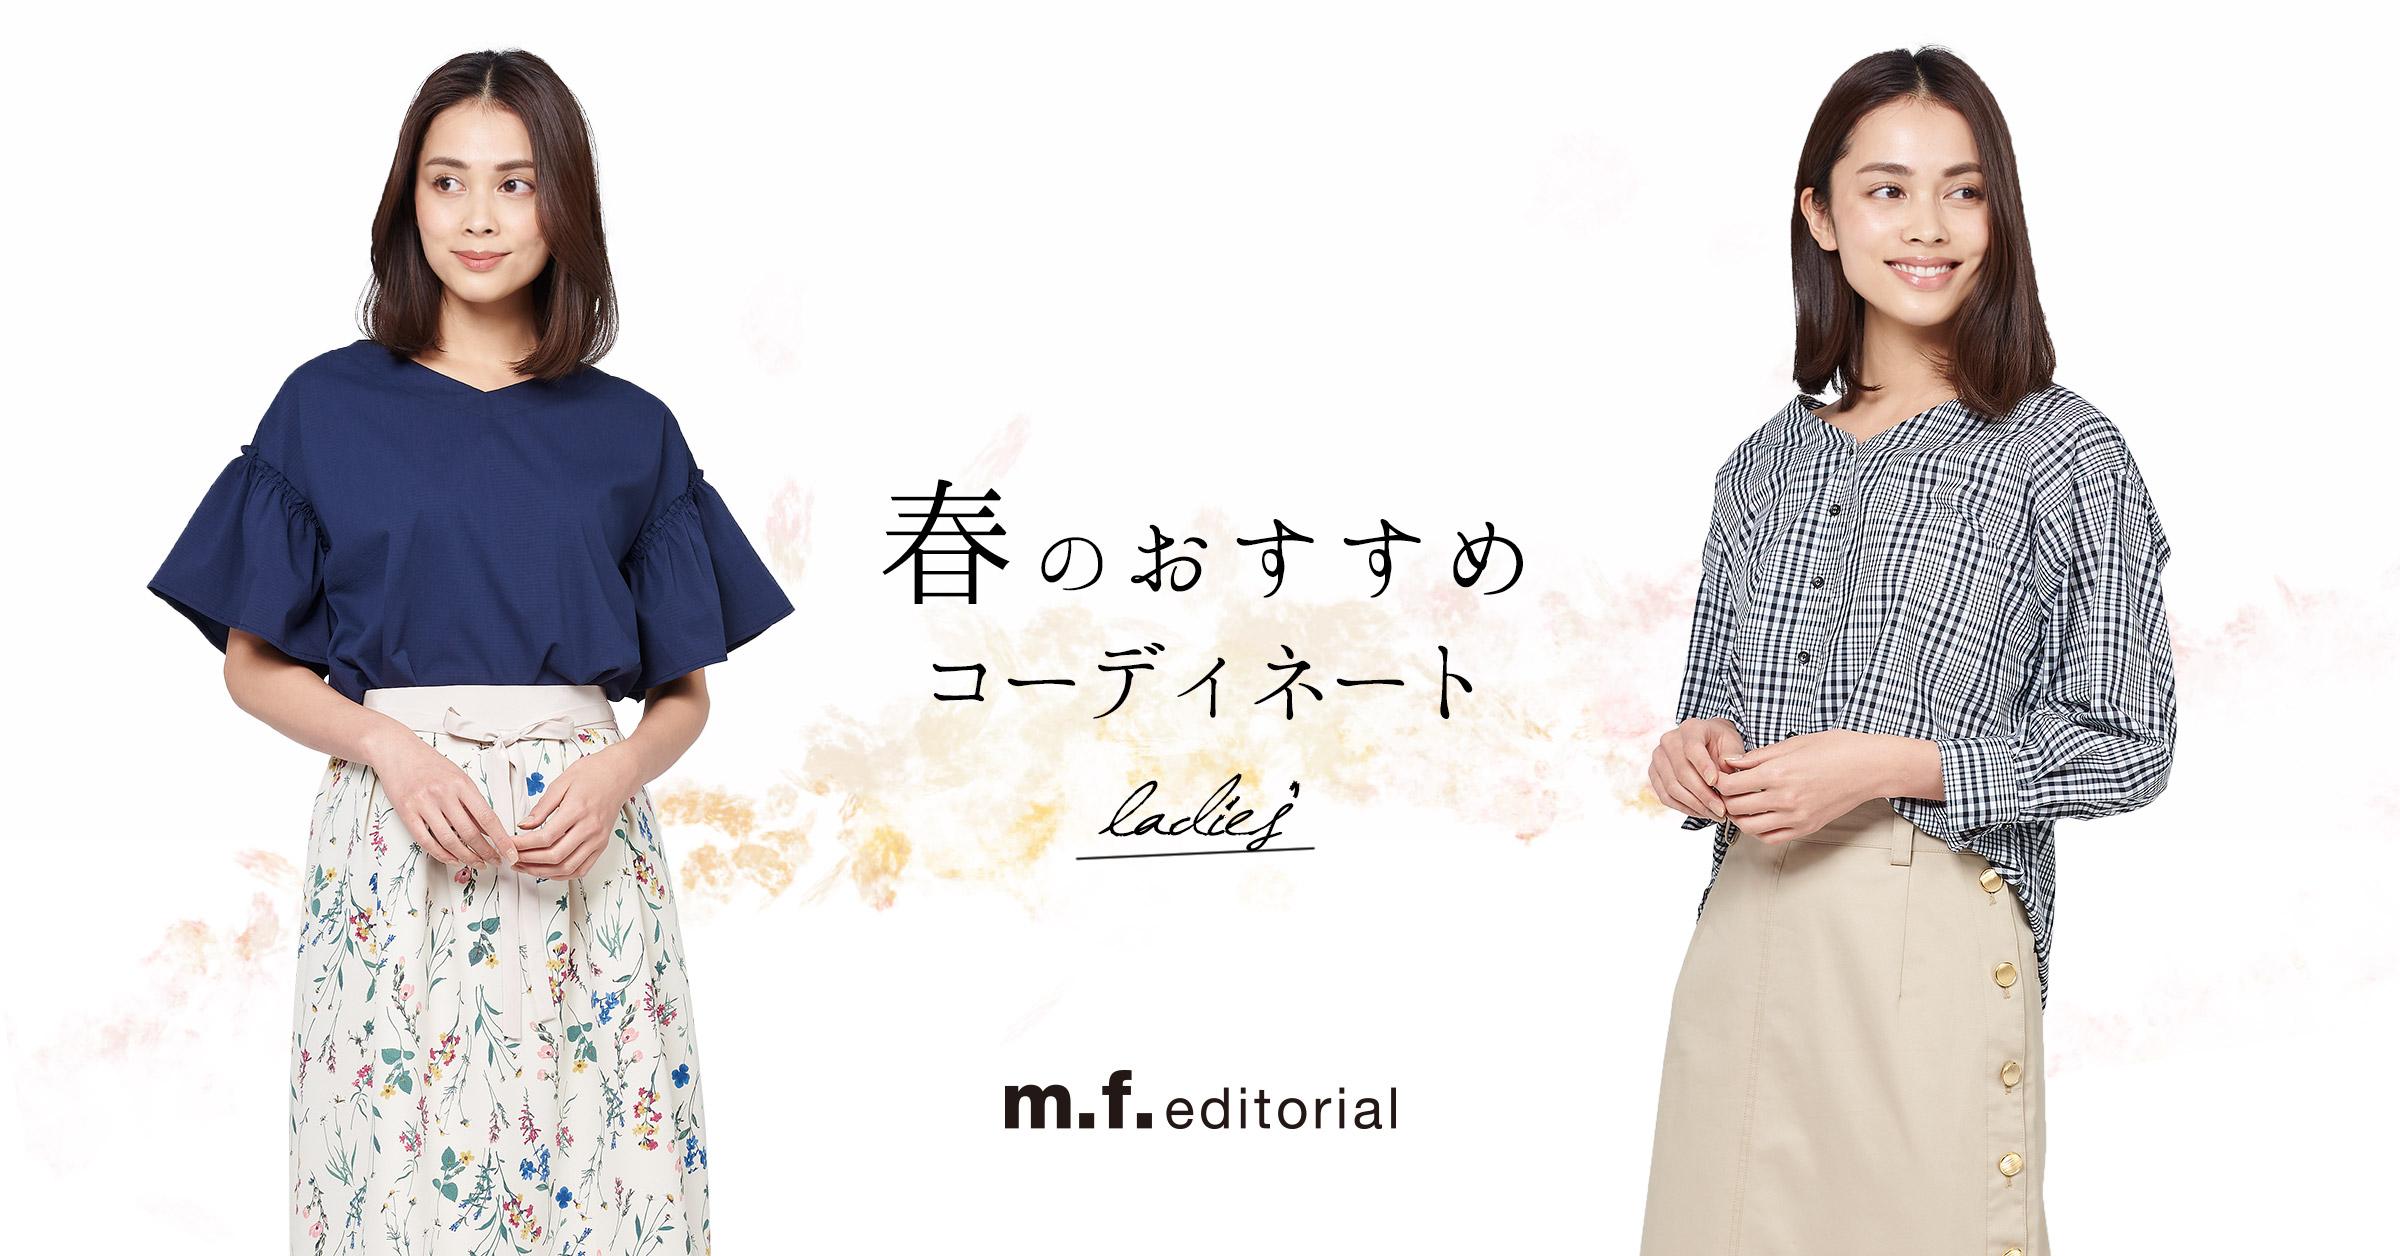 m.f.editorial 春のおすすめコーディネートfor LADIES'